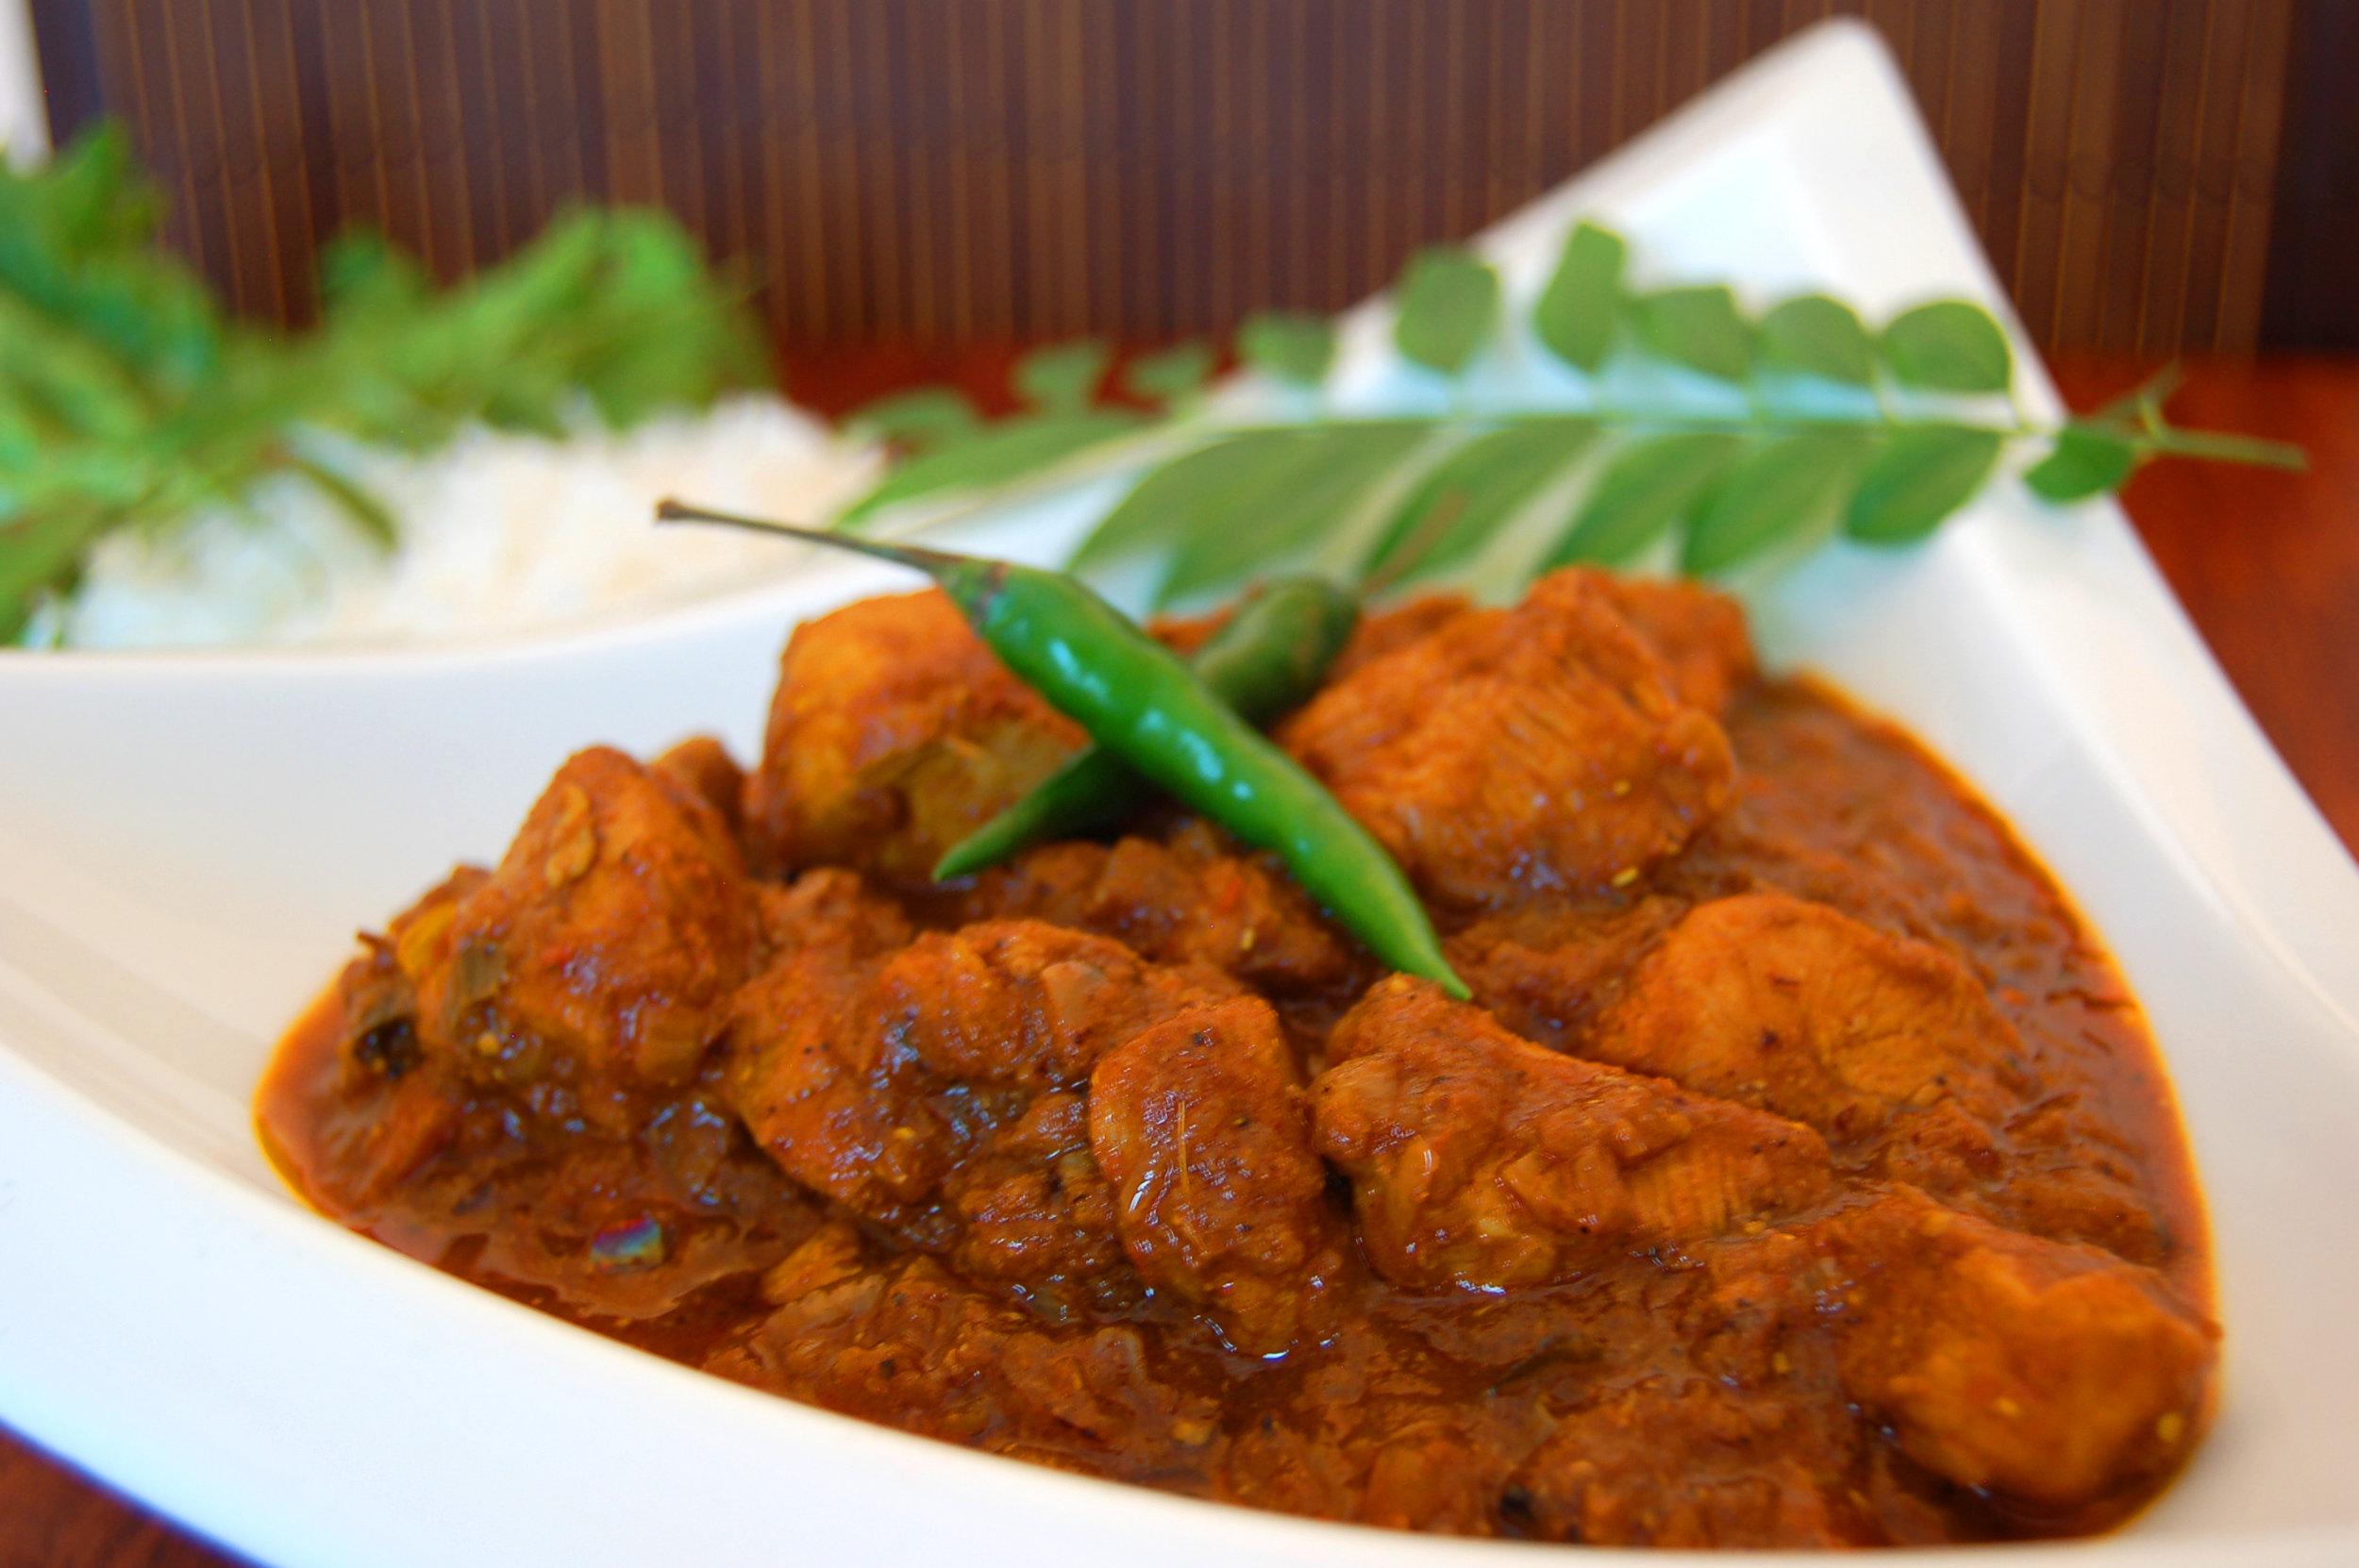 VINDALOO TRÈS ÉPICÉS - {Vindaloo Masala Arvinda's}Vindaloo est originaire de l'exotique Goa, région côtière du Sud de l'Inde, réputée pour ses combinaisons de saveurs internationales et ses traditions culinaires de l'Inde et du Portugal. Ce cari aigre-doux épicé convient parfaitement au poulet ou au porc.